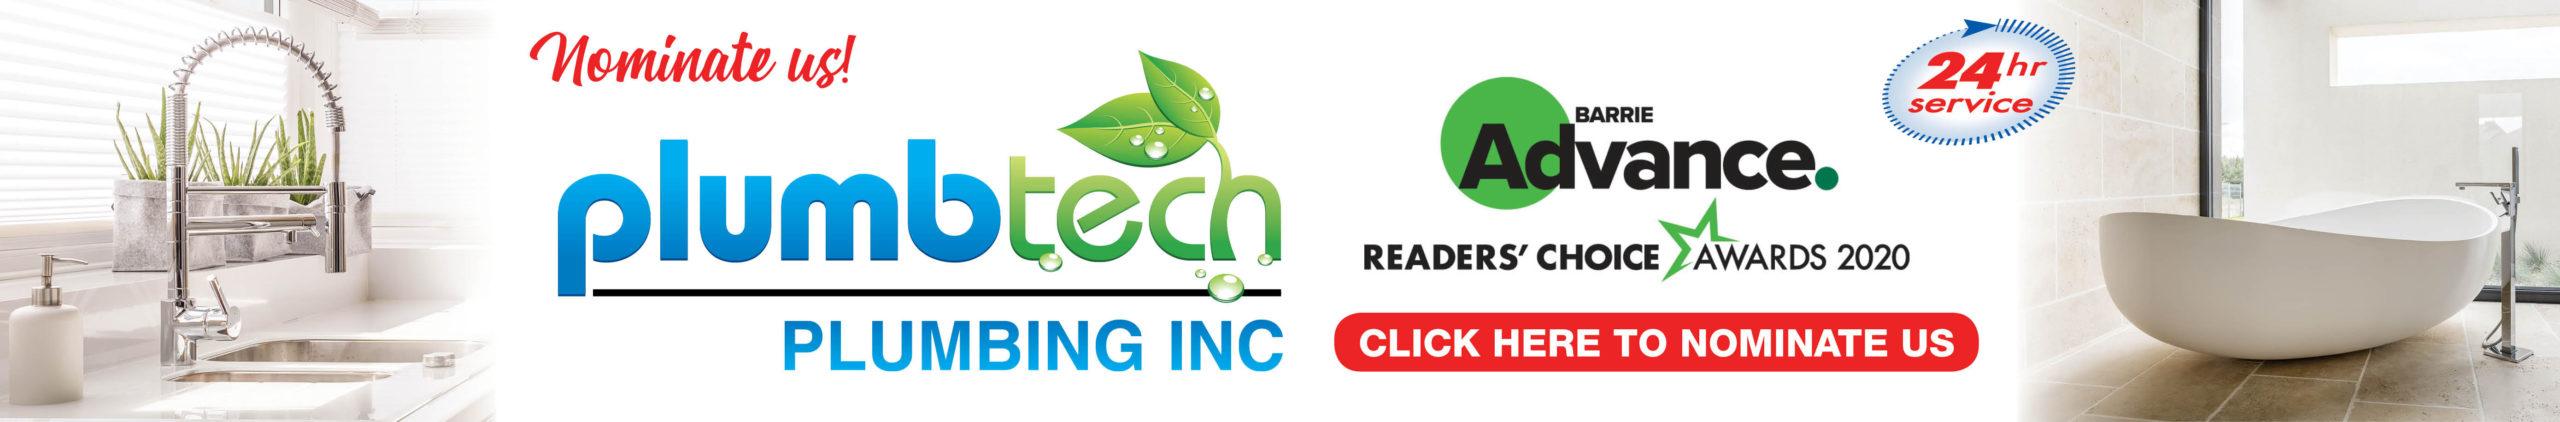 Plumtech Readers Choice Barrie